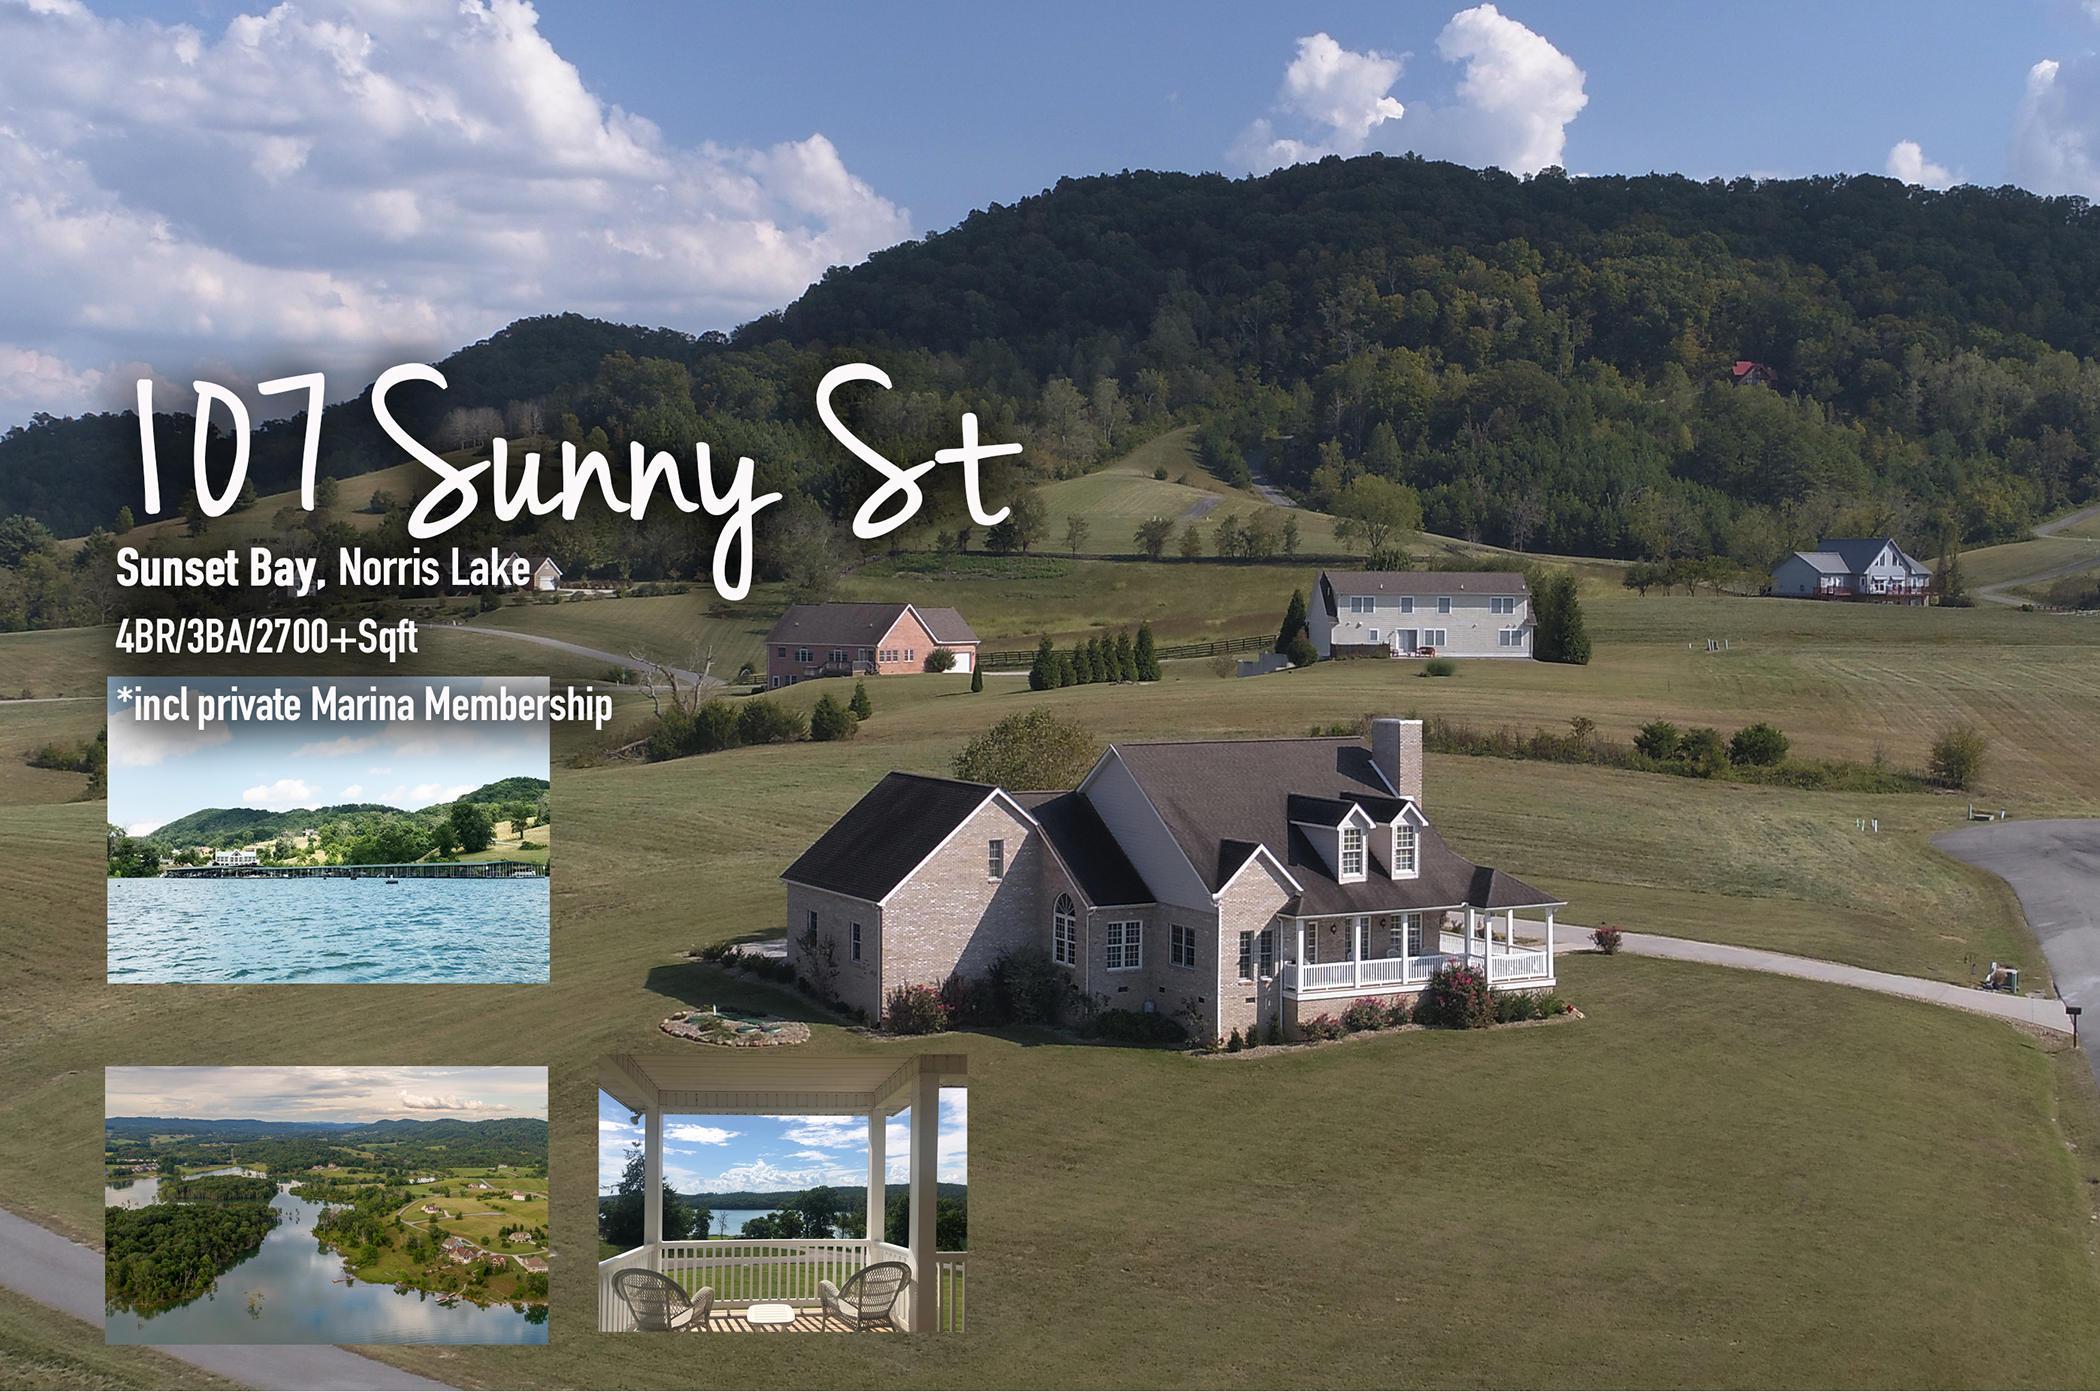 107 Sunny St